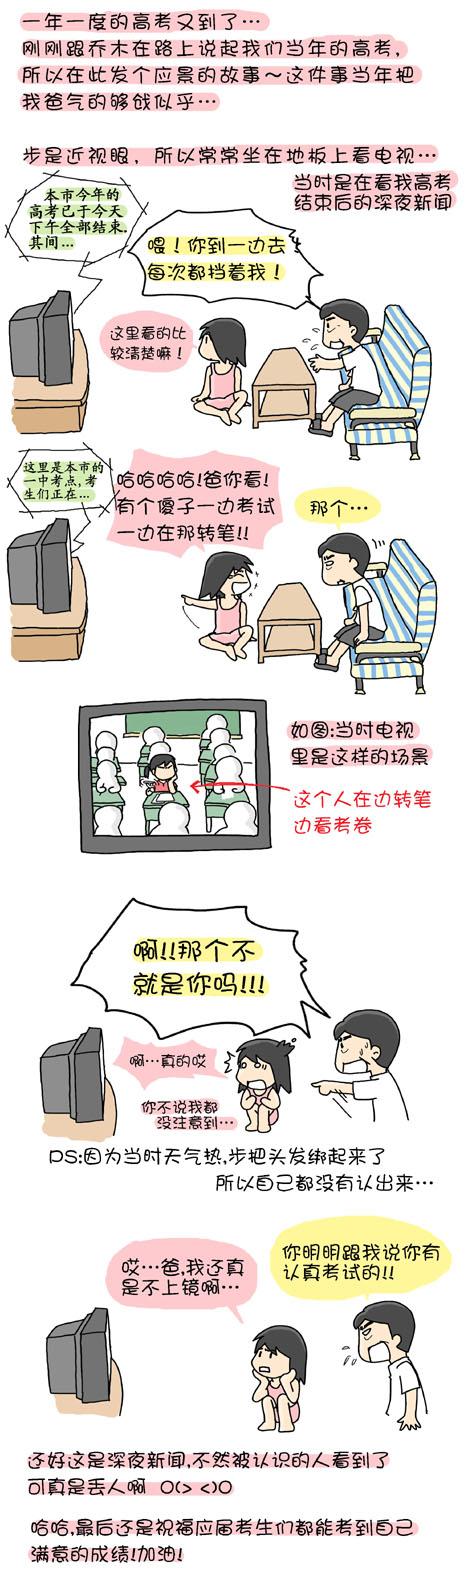 祝考生们高考成功~ - 小步 - 小步漫画日记